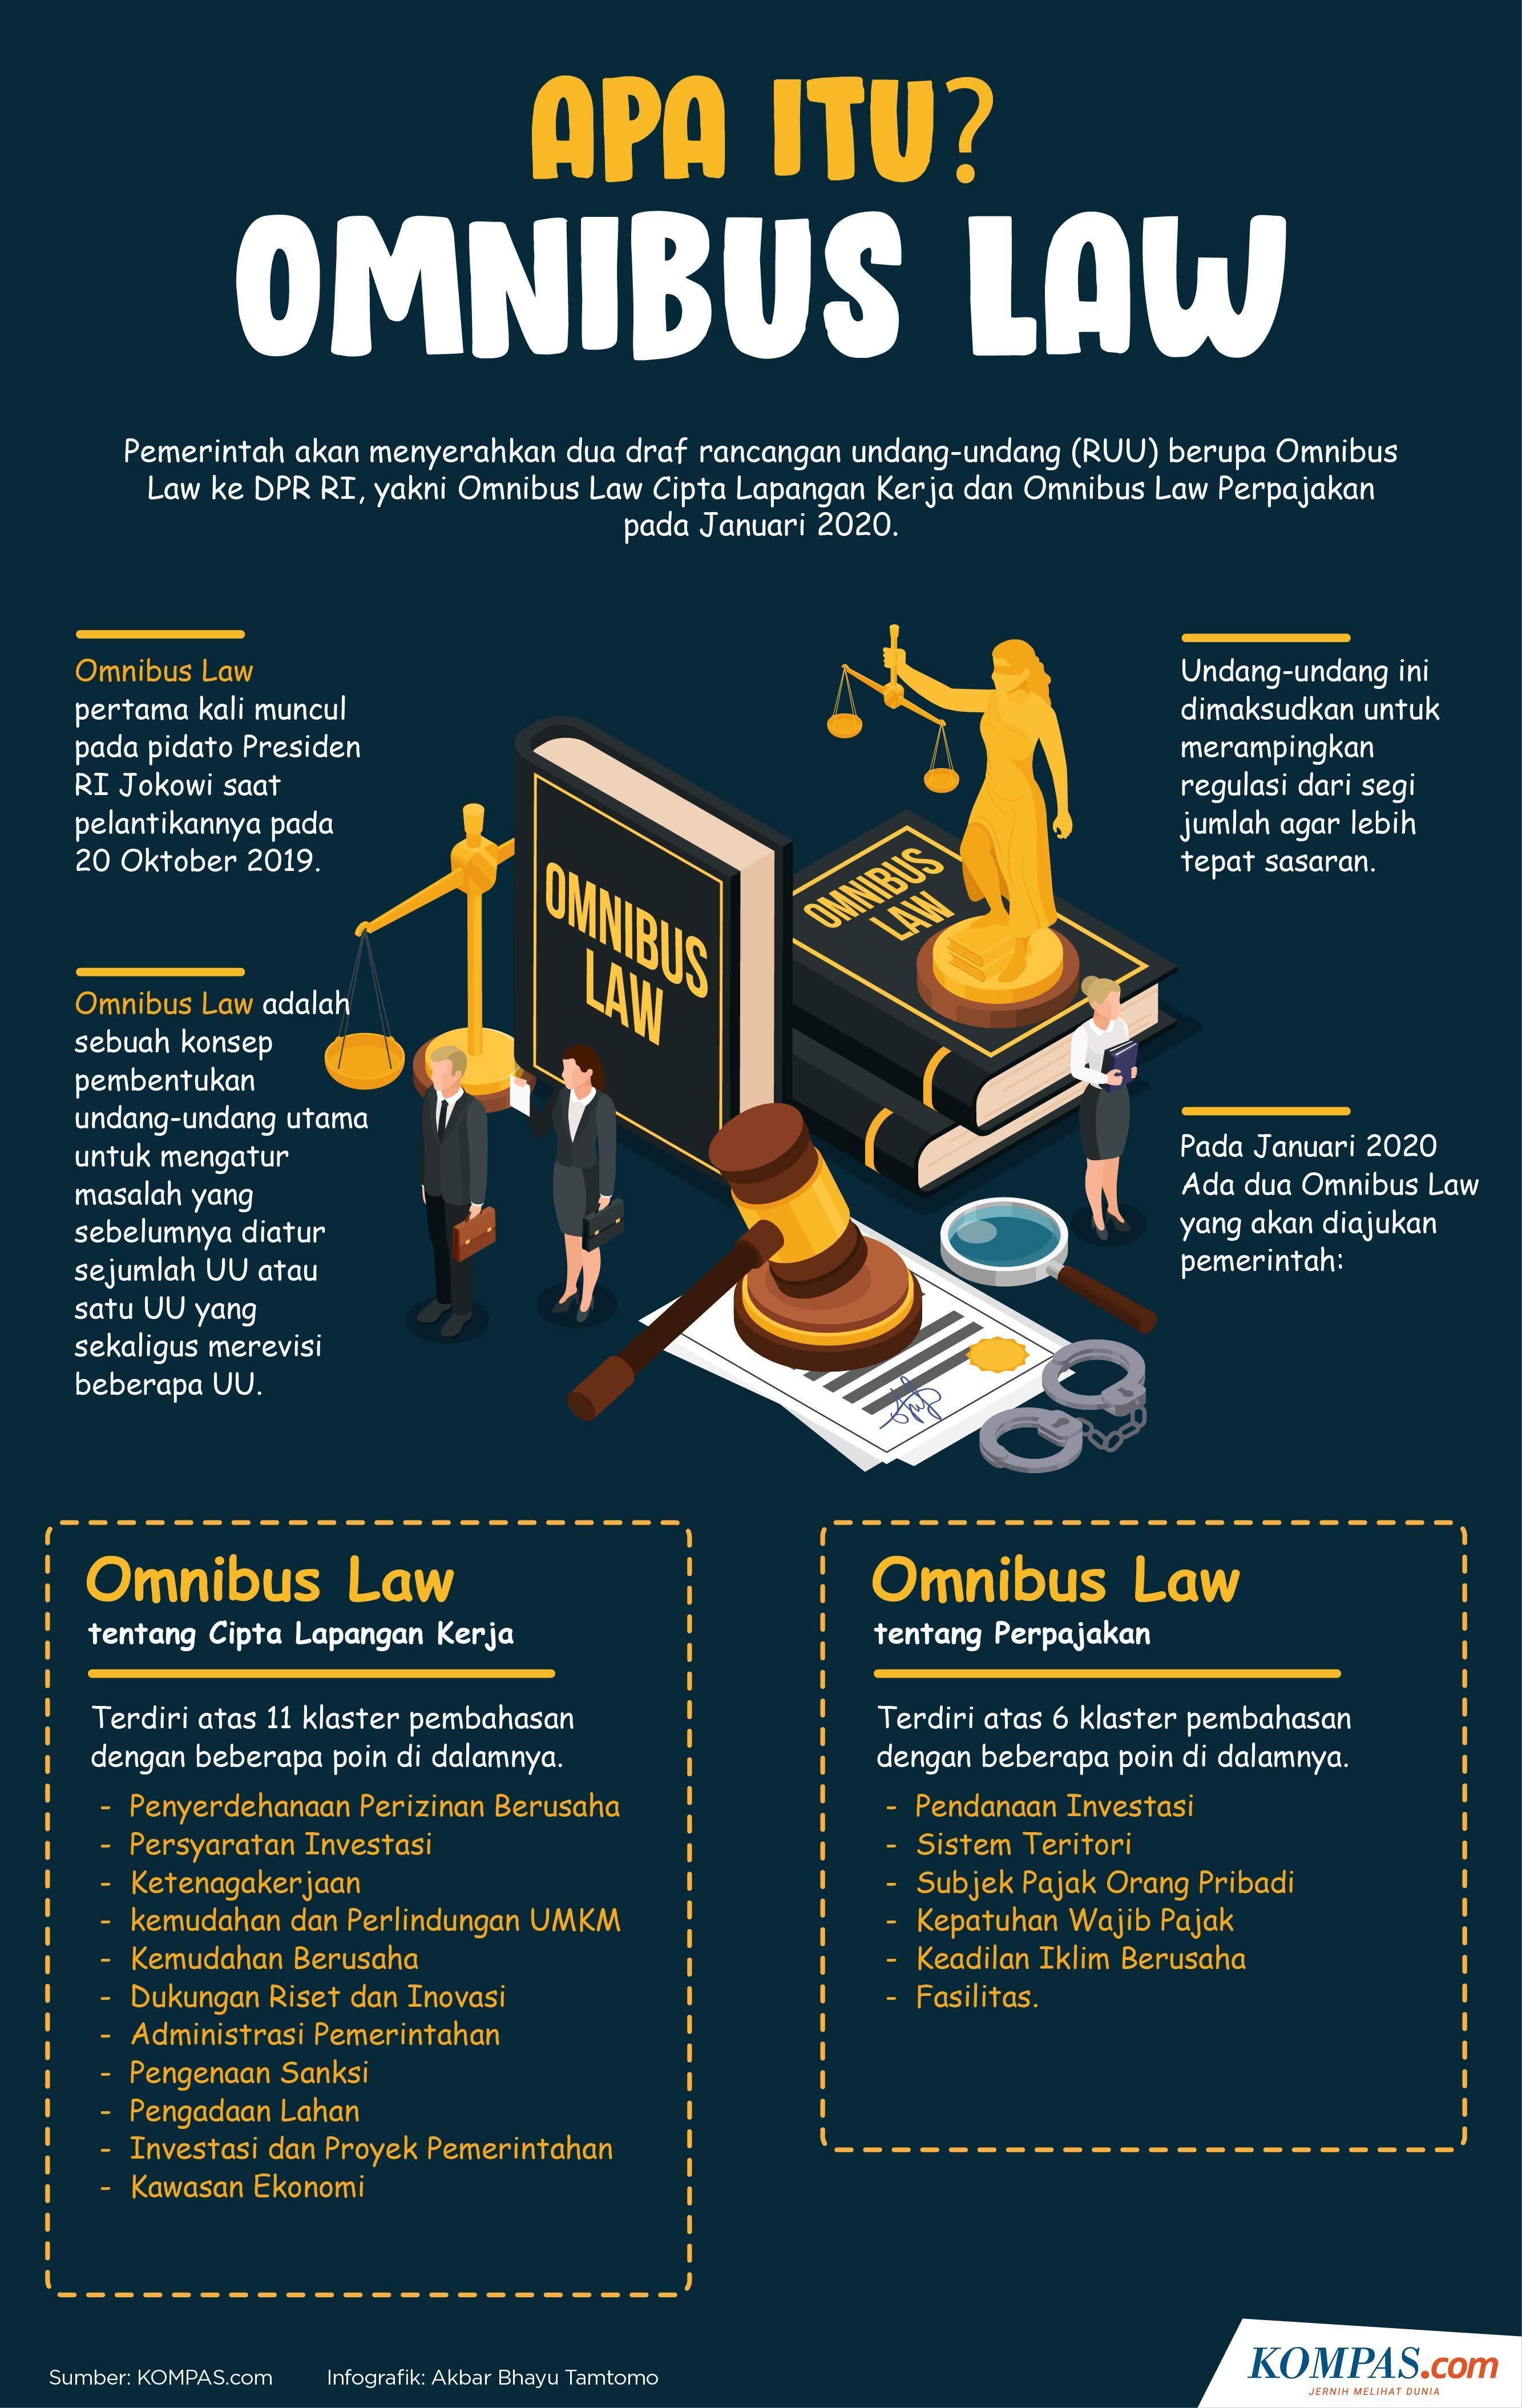 Omnibus Law Bisa Diterapkan Di Indonesia